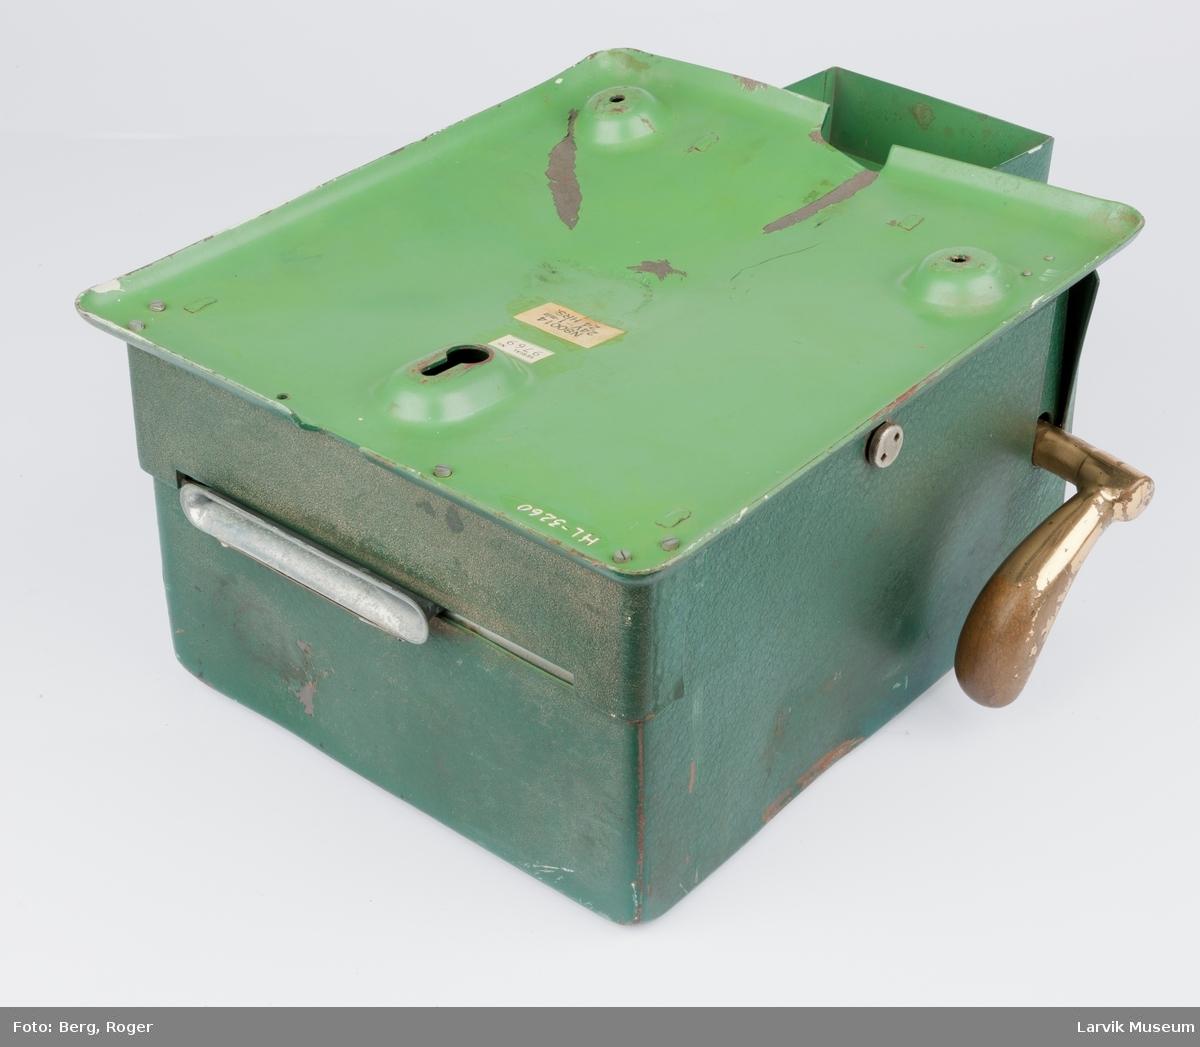 """20 forts. """"serial No.9769. N 80014 24u - 1-min. 24 HRS"""" messing håndtak på siden, rund urskive Yale, lås under urskiven, noe rust og bulker"""